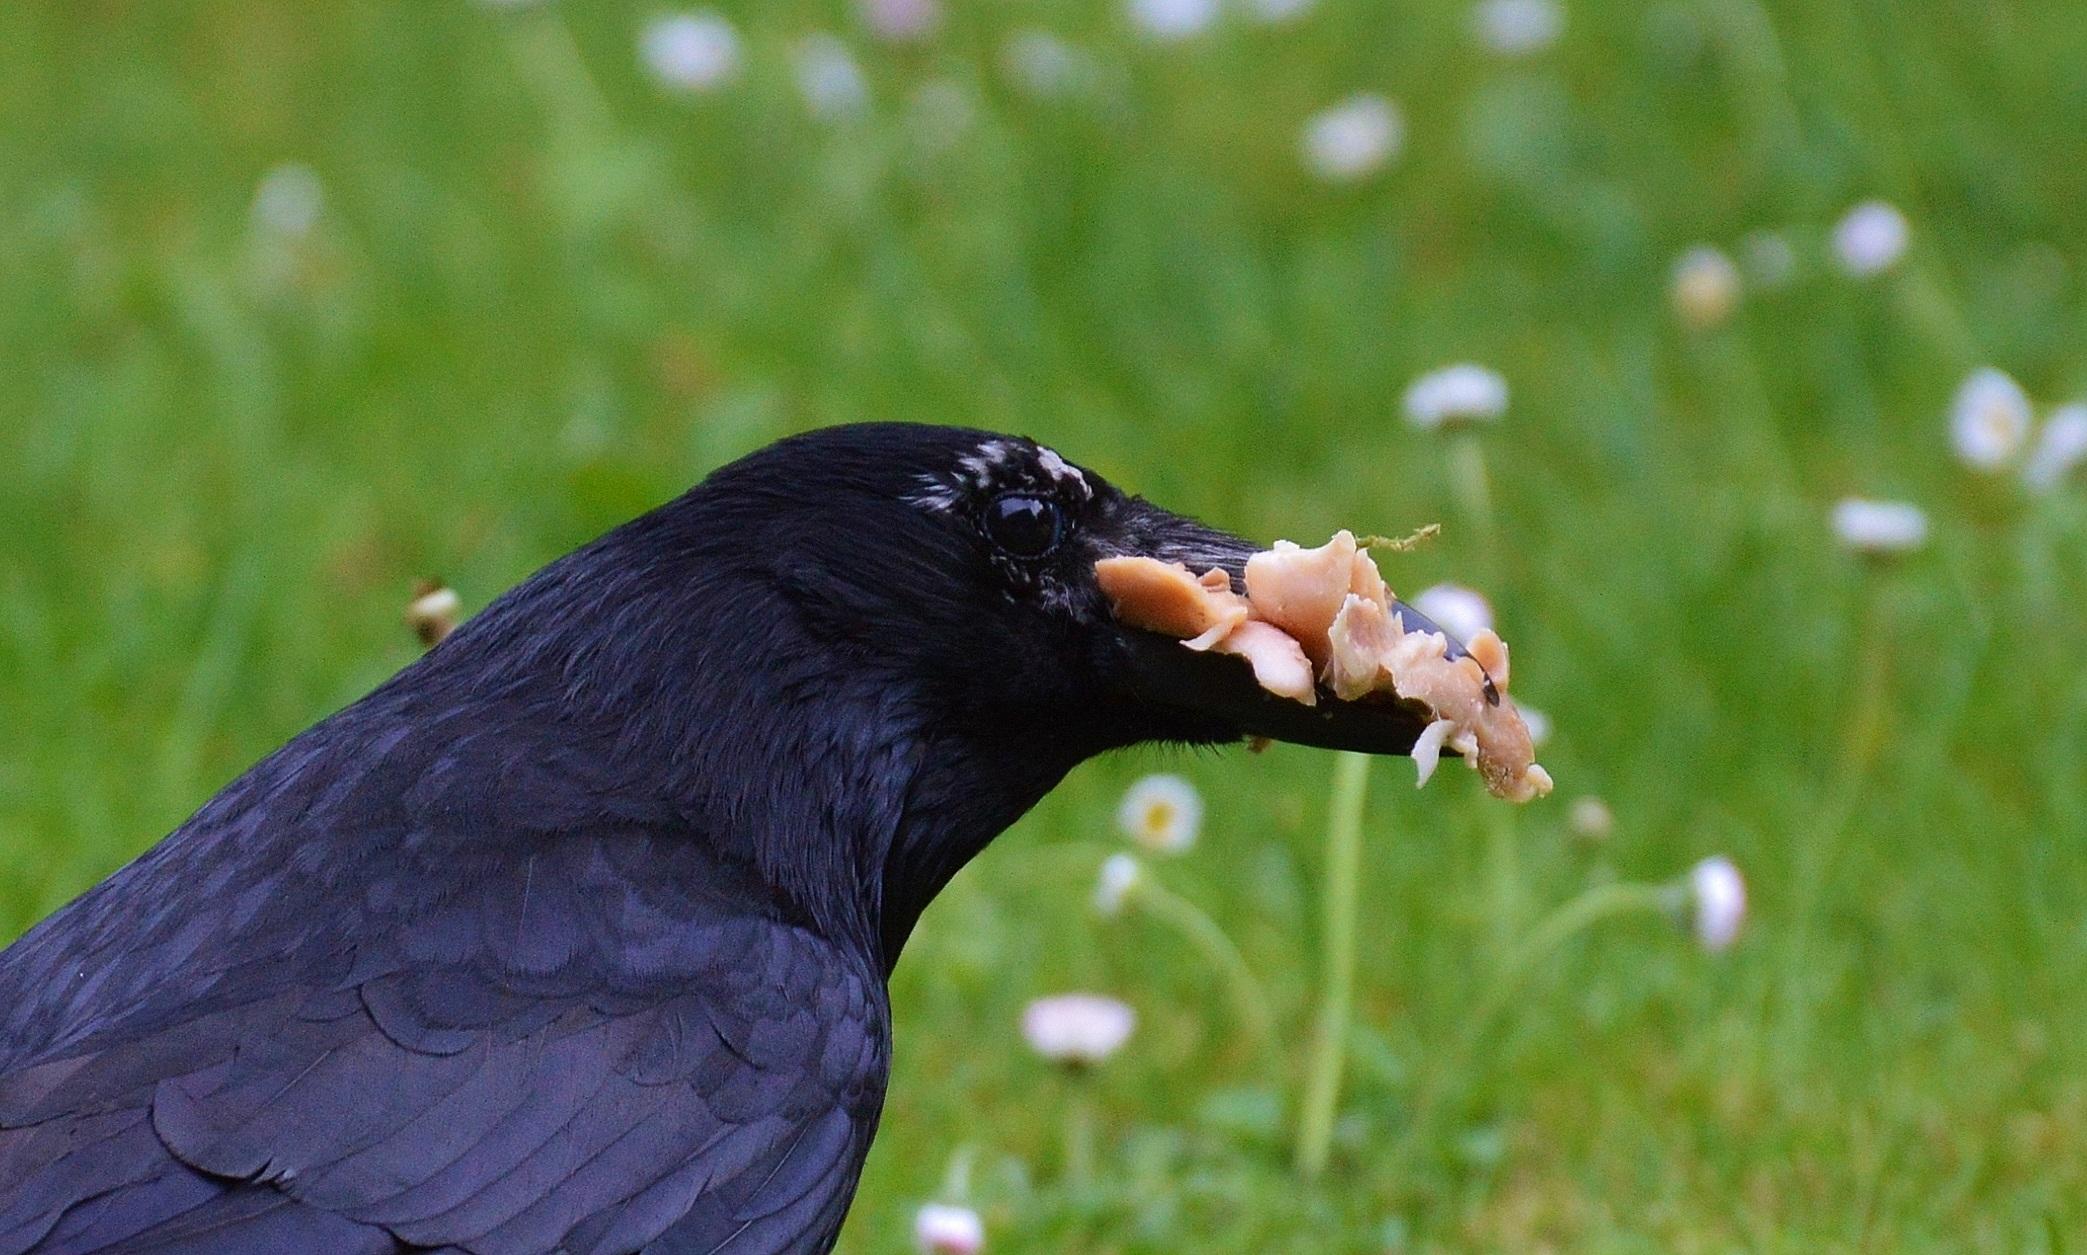 images gratuites oiseau mouche faune le bec noir manger plume vert br facture oiseau. Black Bedroom Furniture Sets. Home Design Ideas